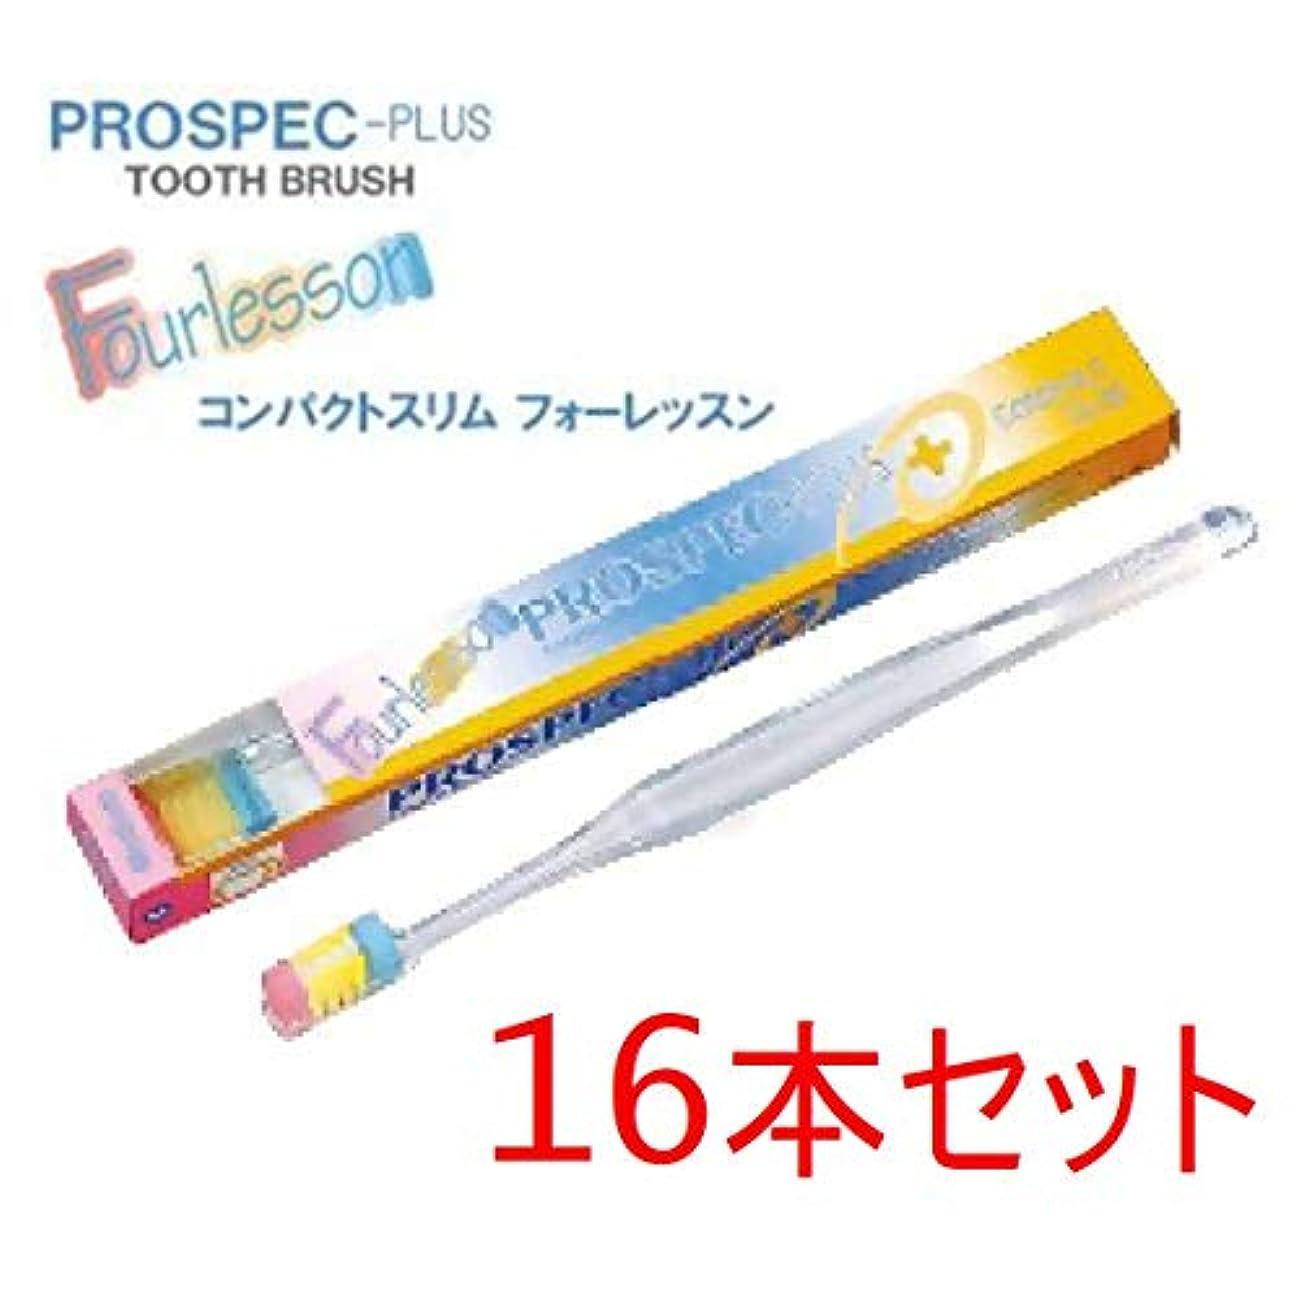 委託有効健康的プロスペック 歯ブラシ コンパクトスリム 16本 フォーレッスン 毛の硬さ ふつう